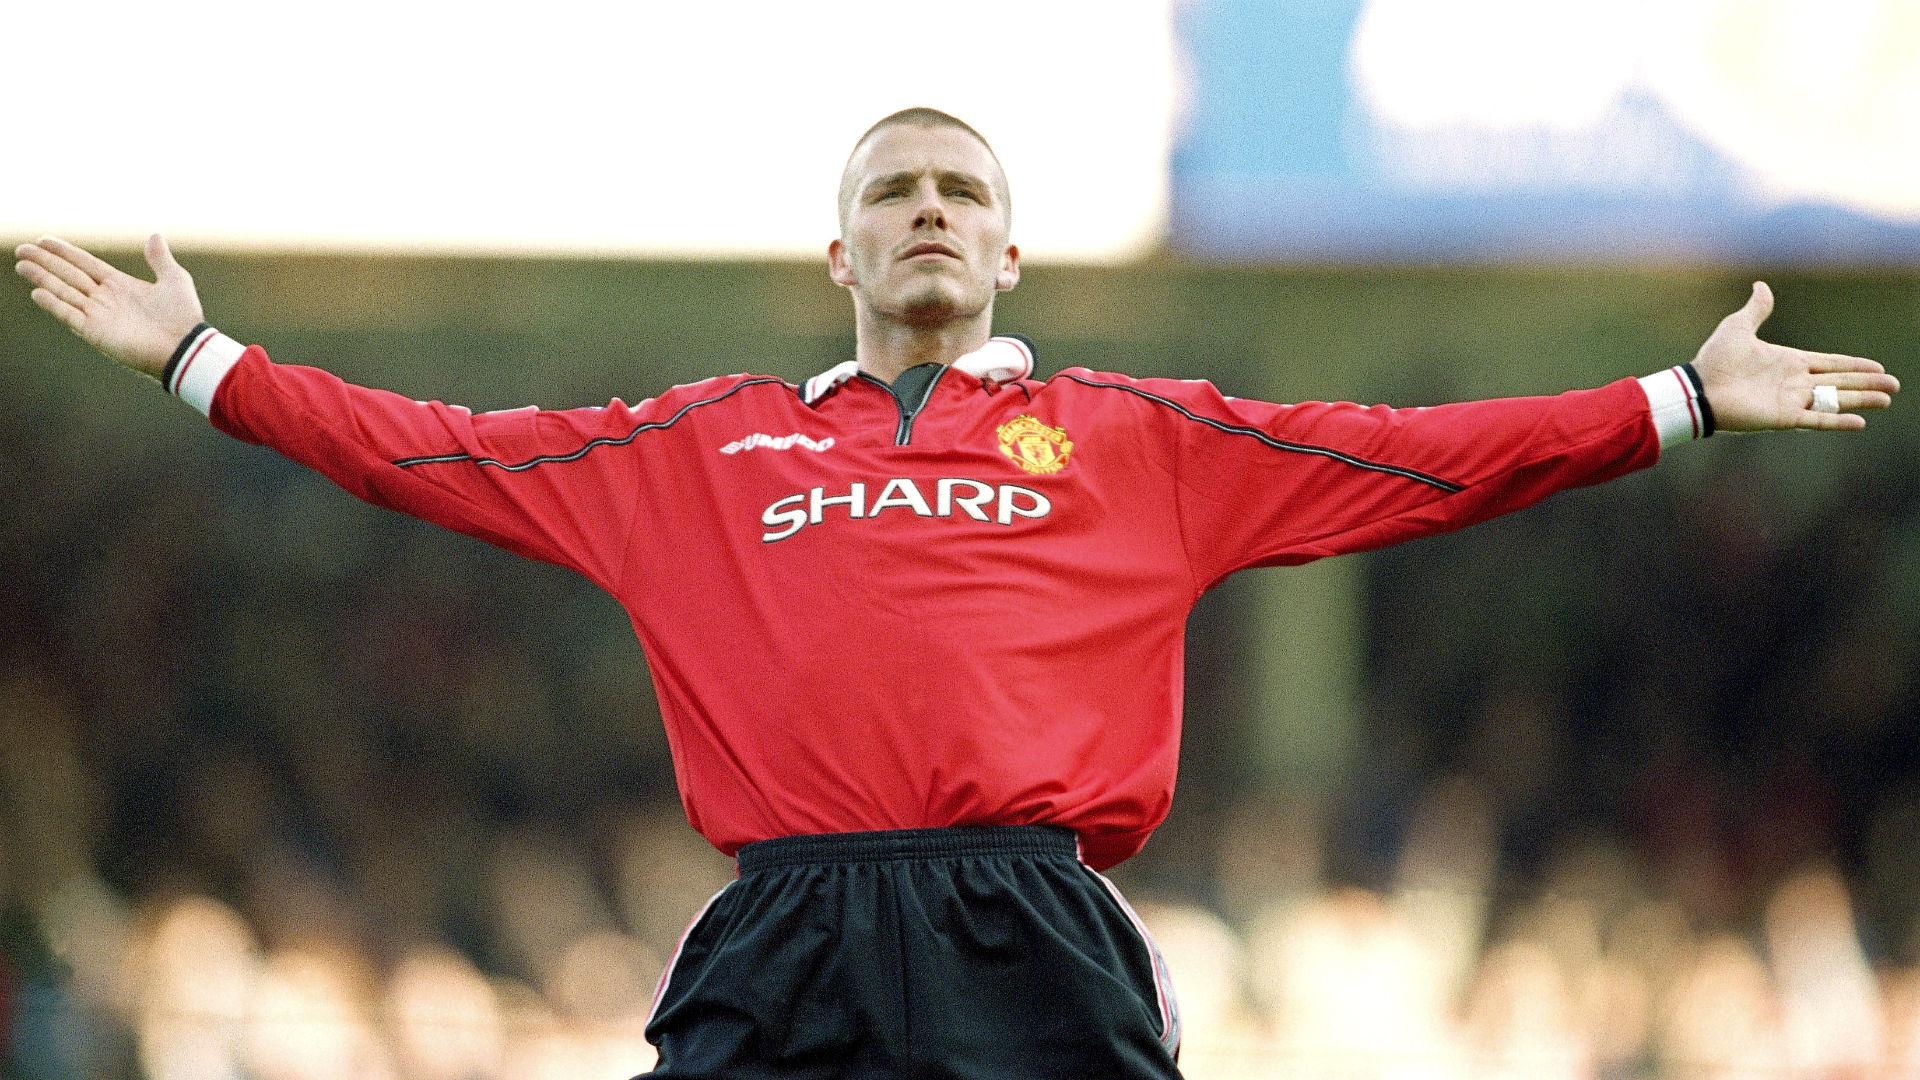 David beckham premier league manchester united 2000 for Premier league table 99 2000